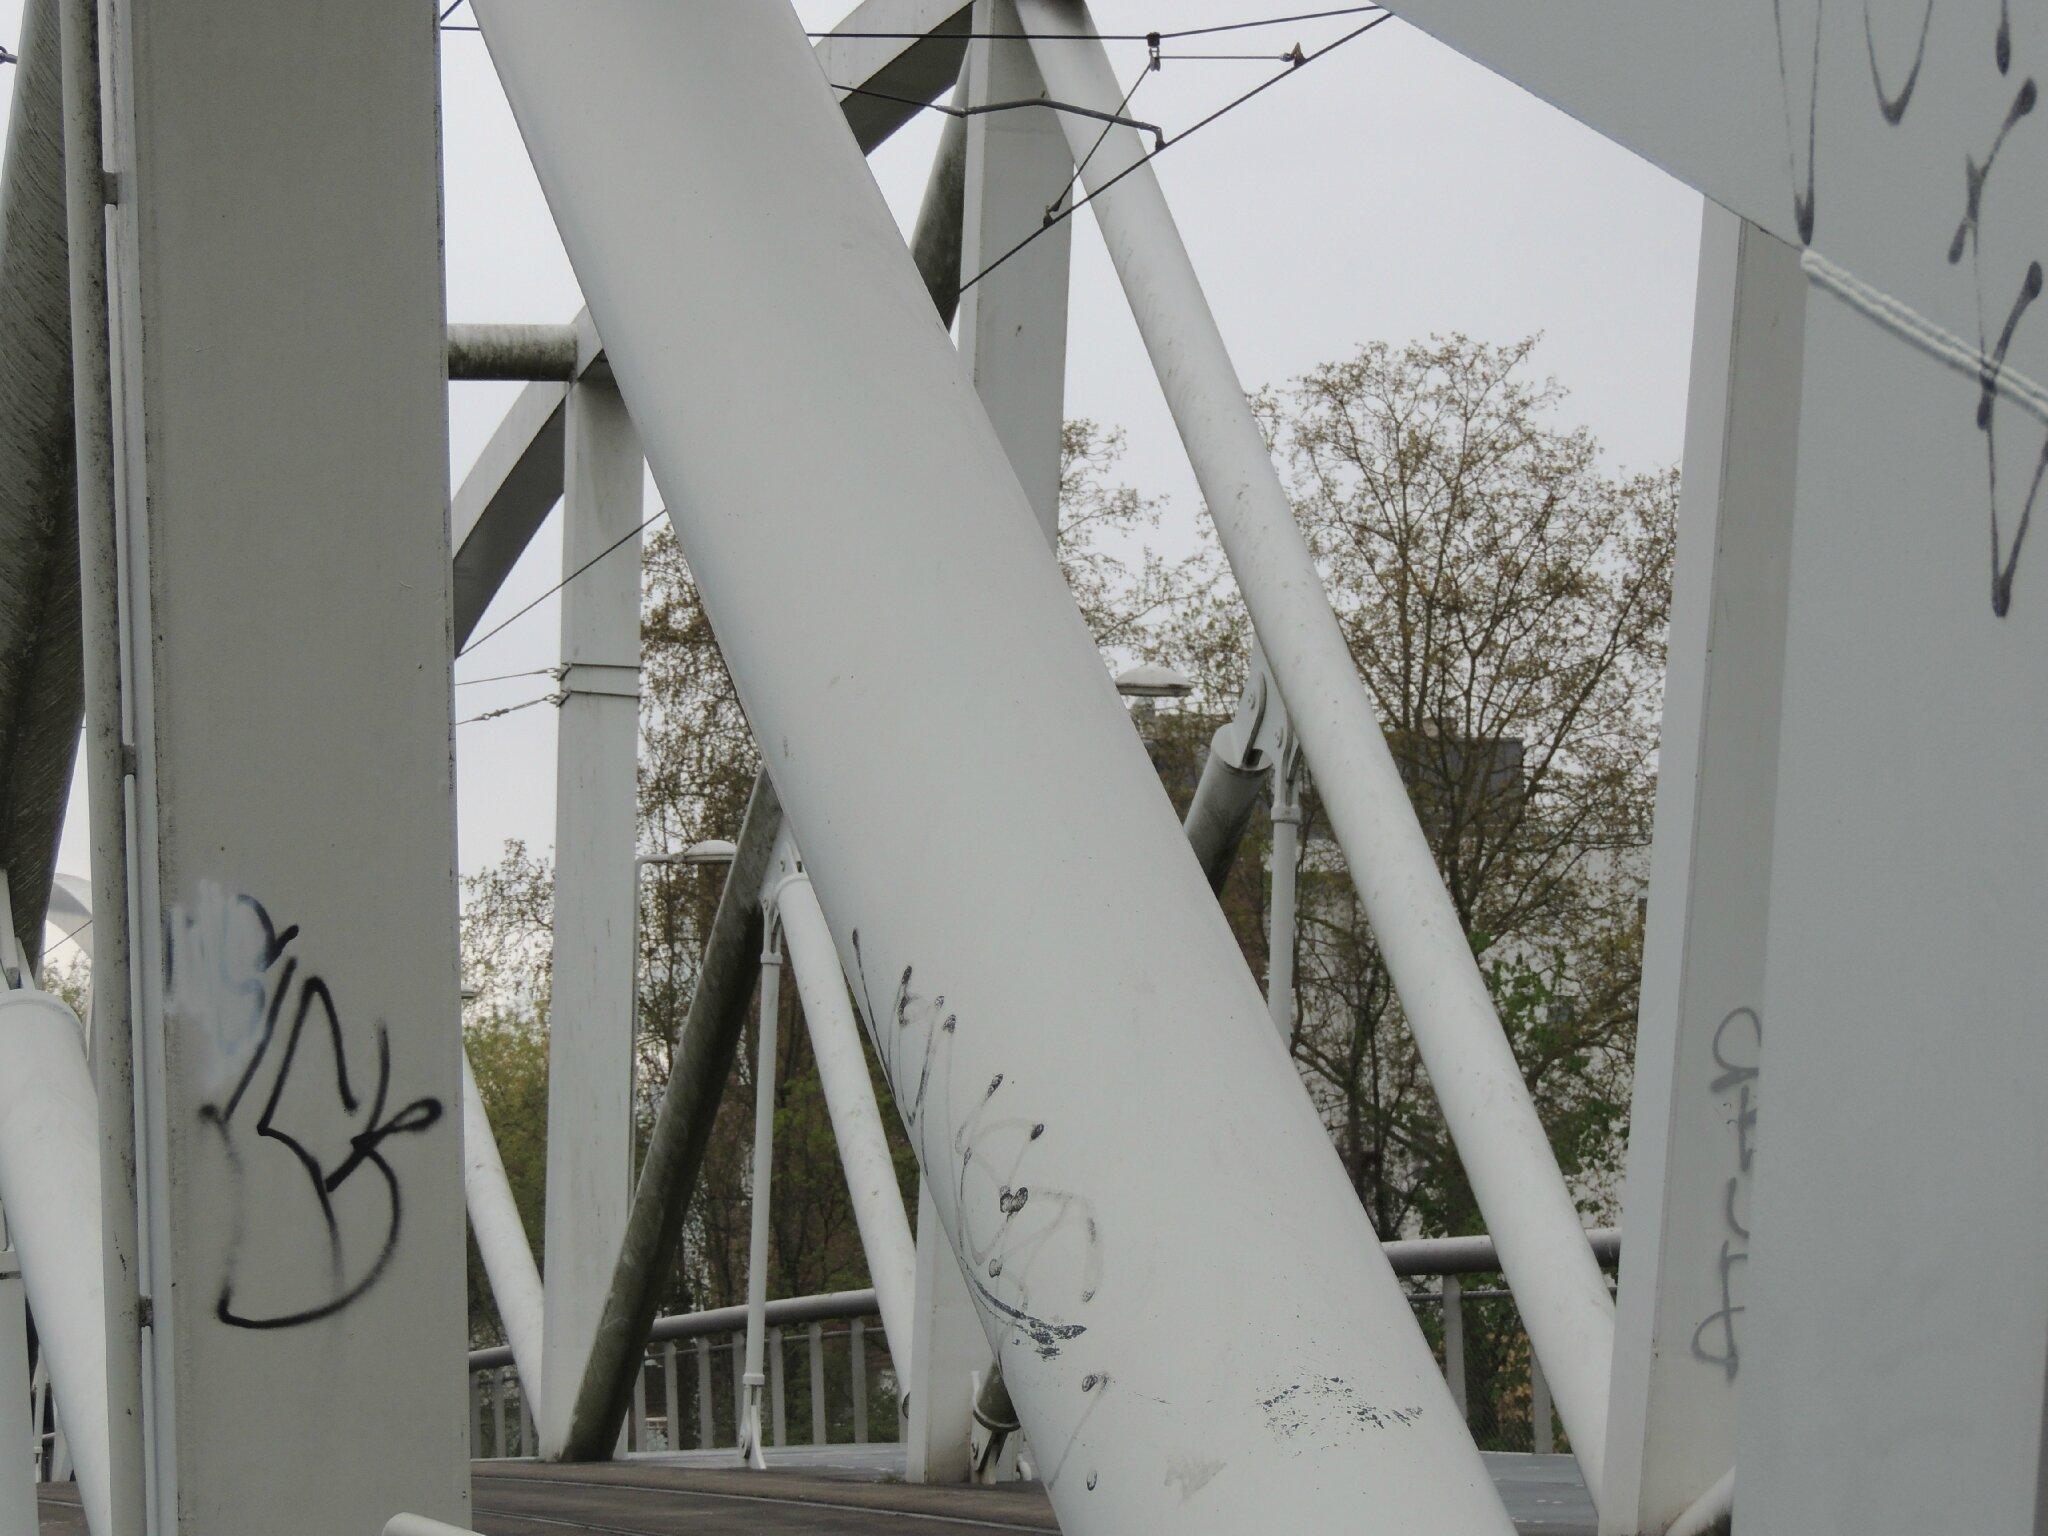 le pont de l' Elmerforst